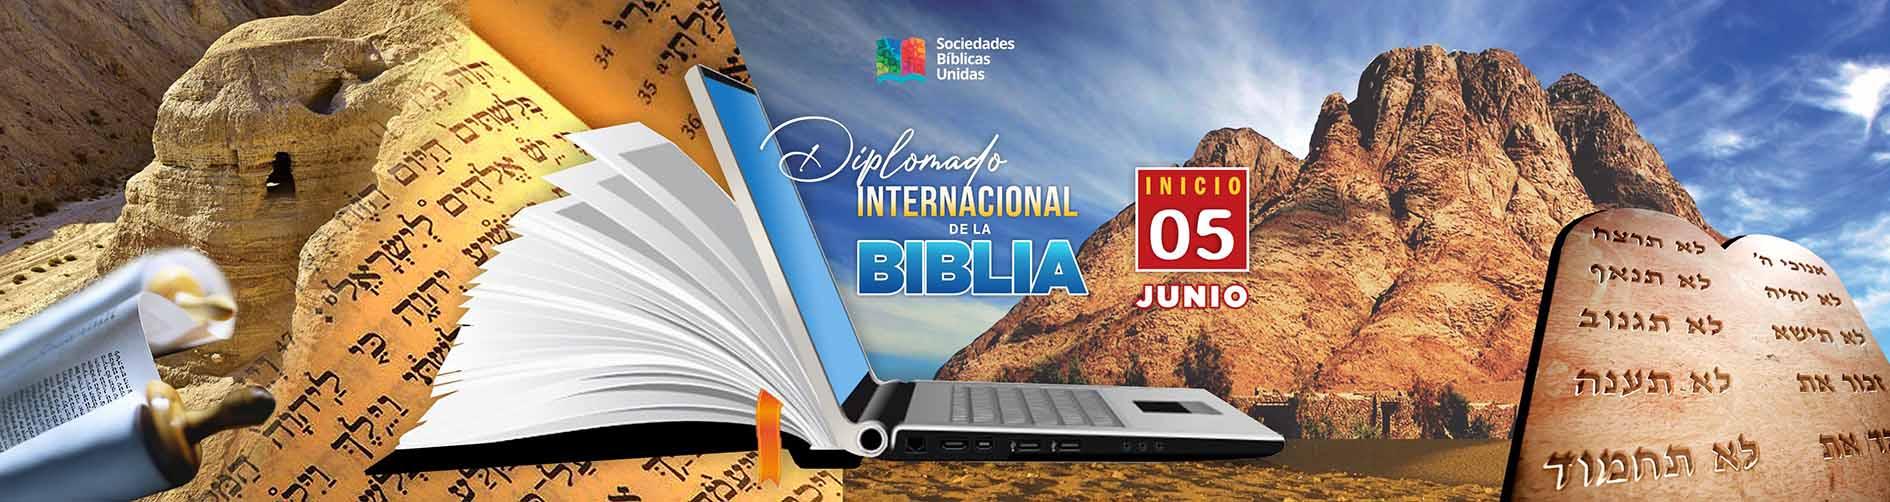 <!-- Diplomado Int BIBLIA 2021 -->